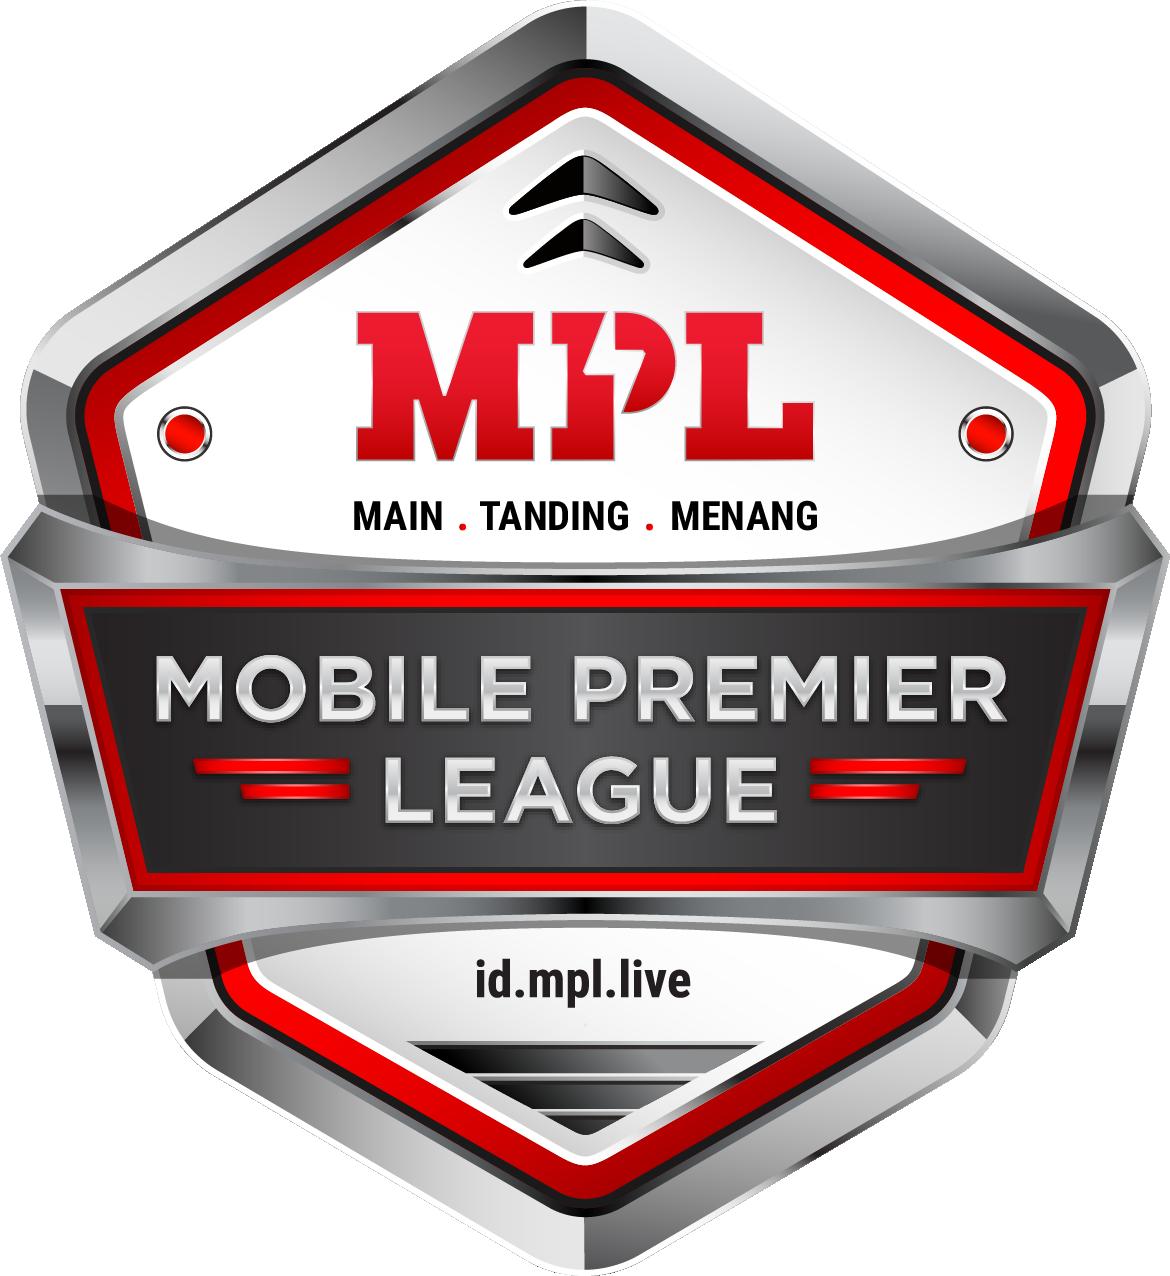 MPL Mobile Premier League Download App Aplikasi